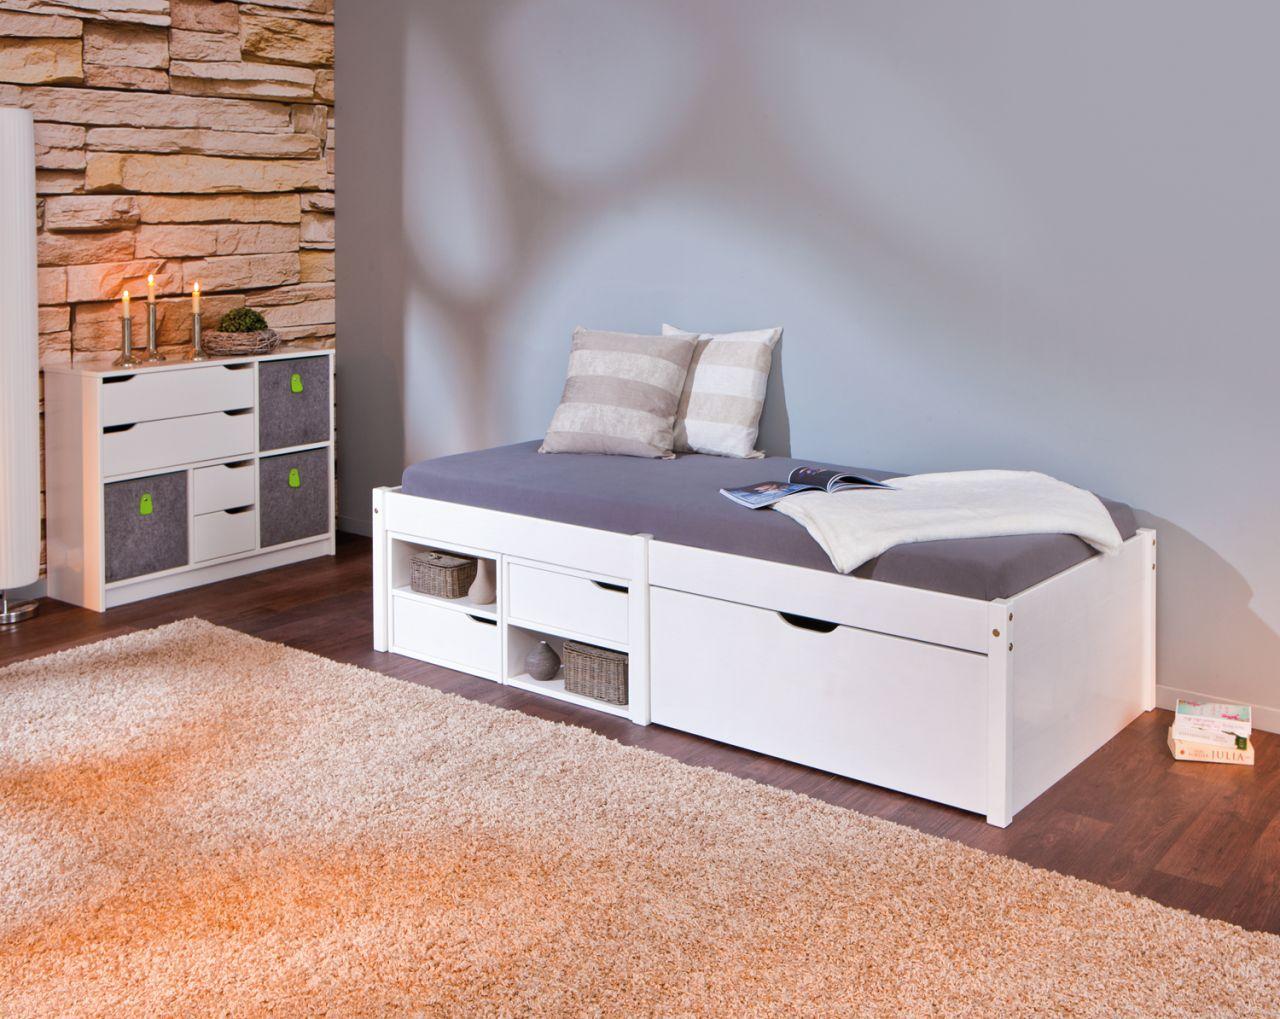 Bett Kinderbett 2 Farben Inkl Schubkästen Lattenrost Massivholz